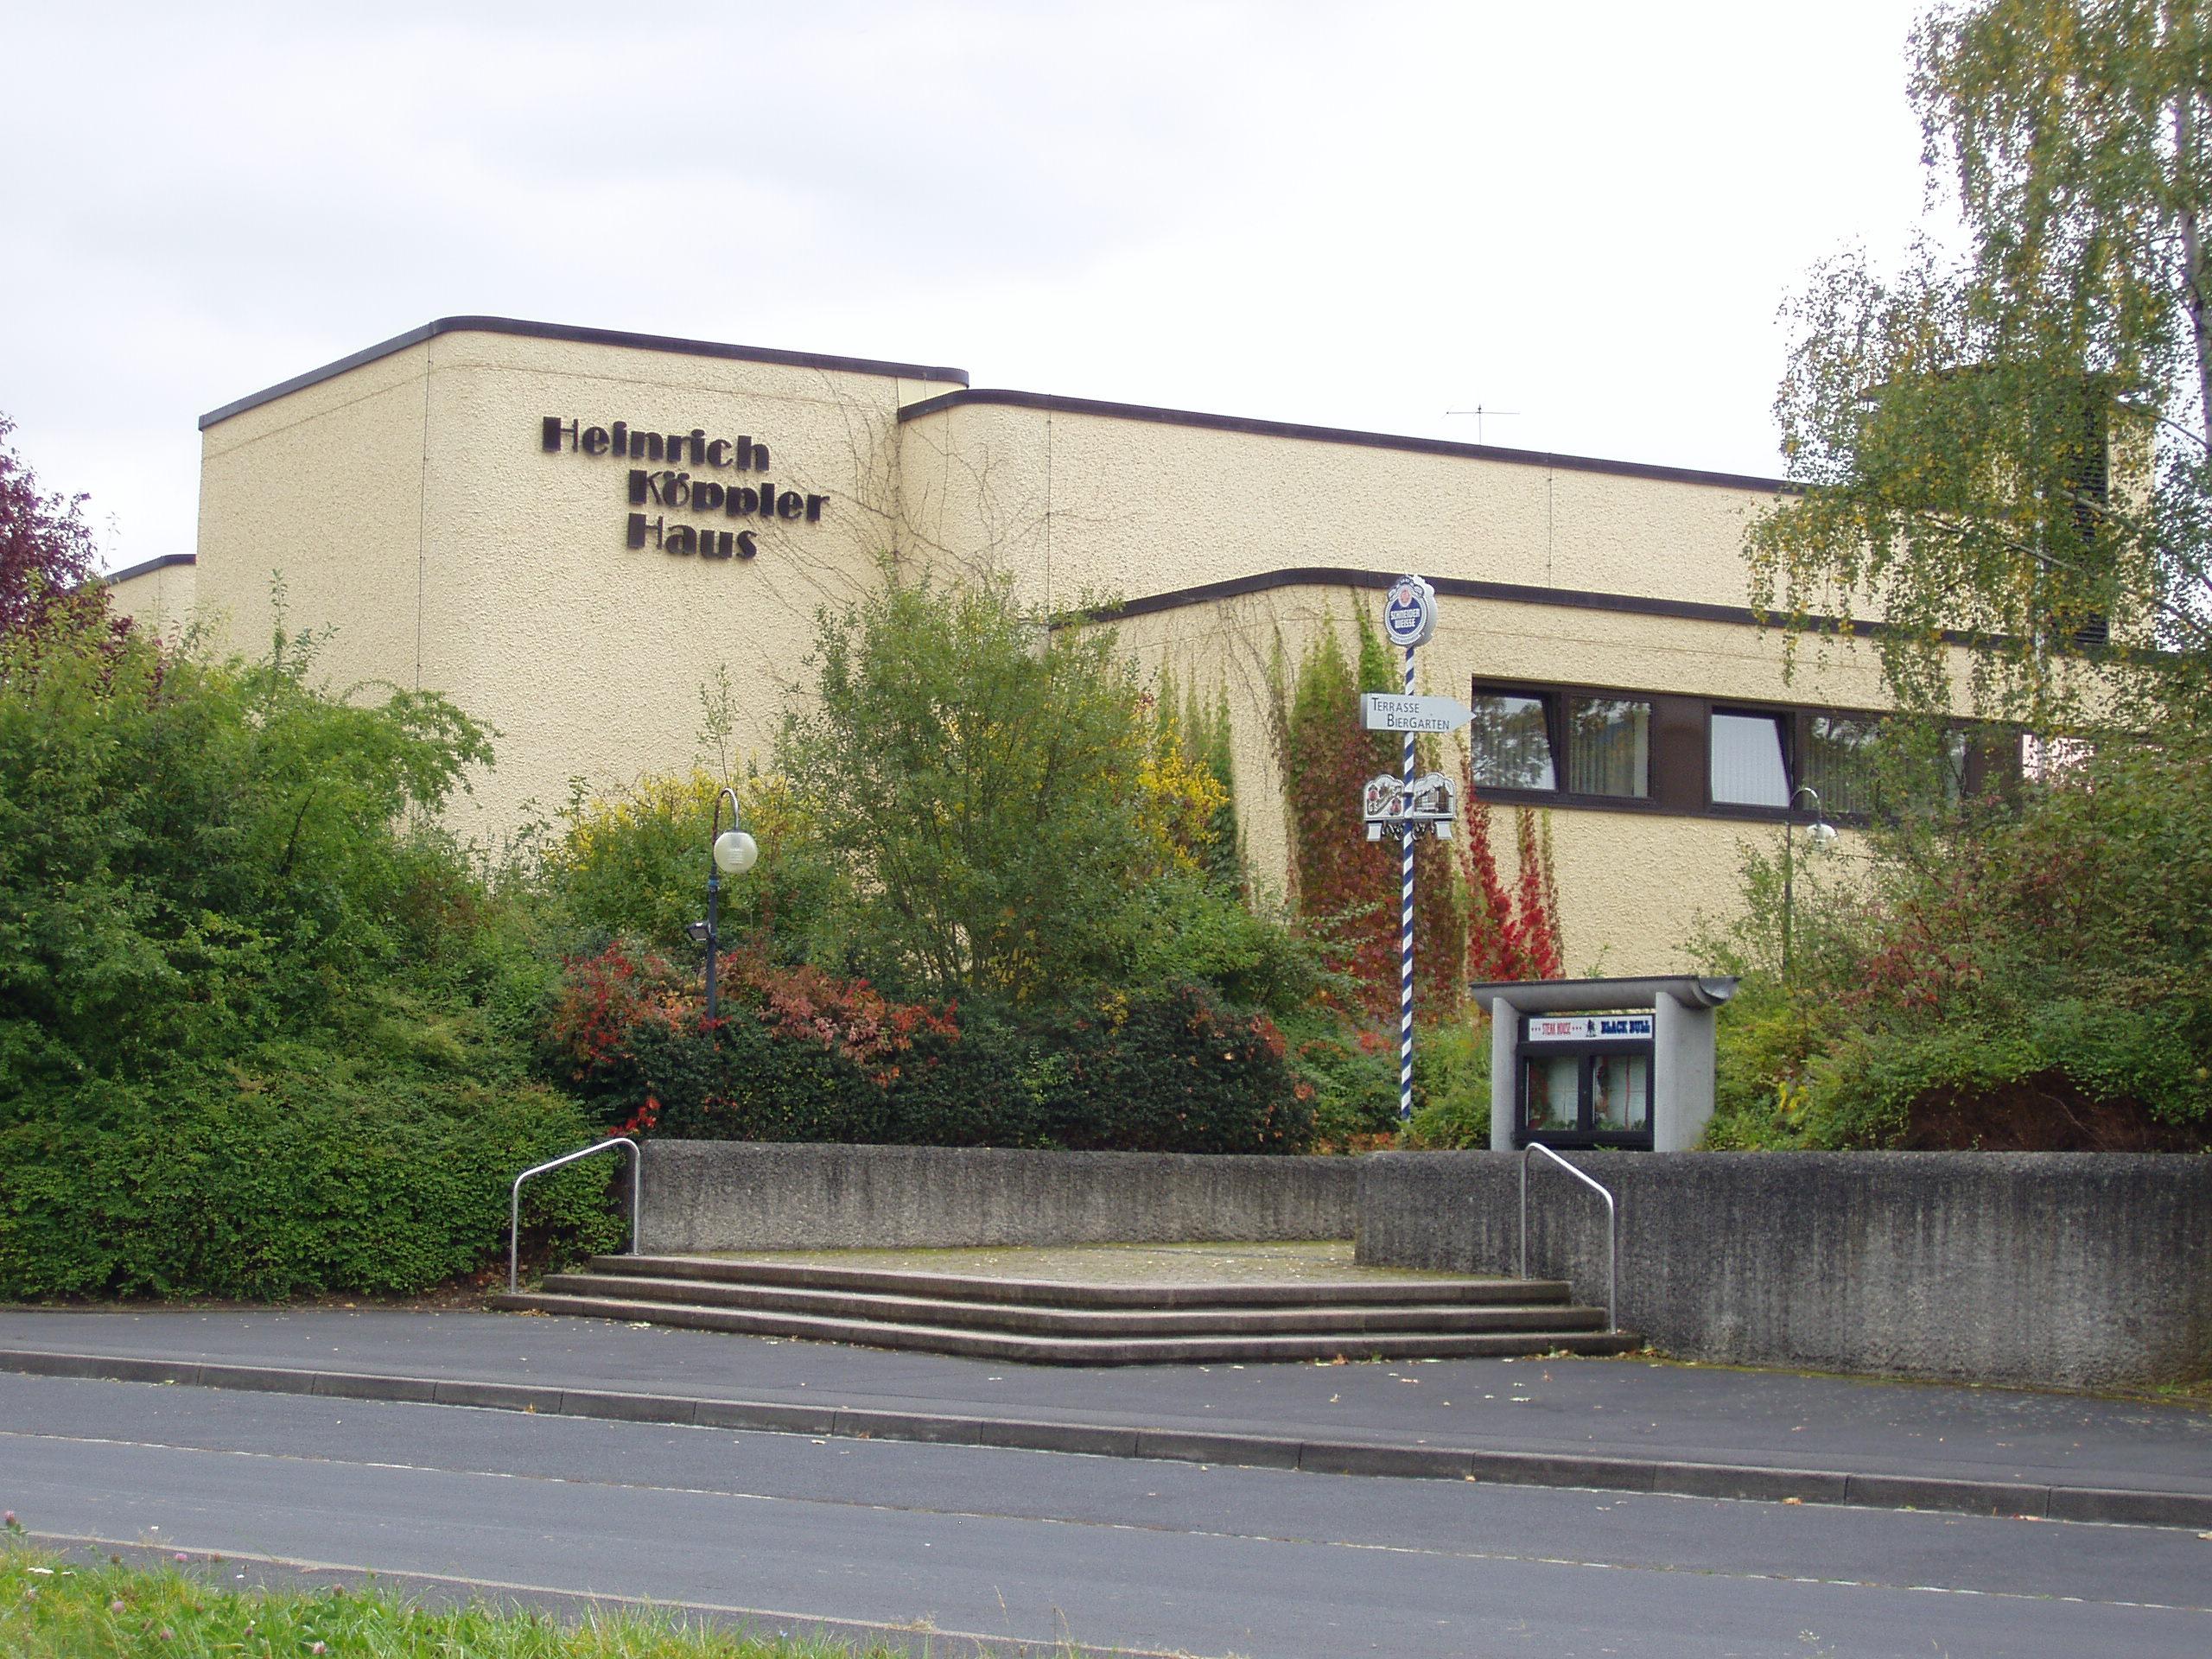 Heinrich-Köppler-Haus